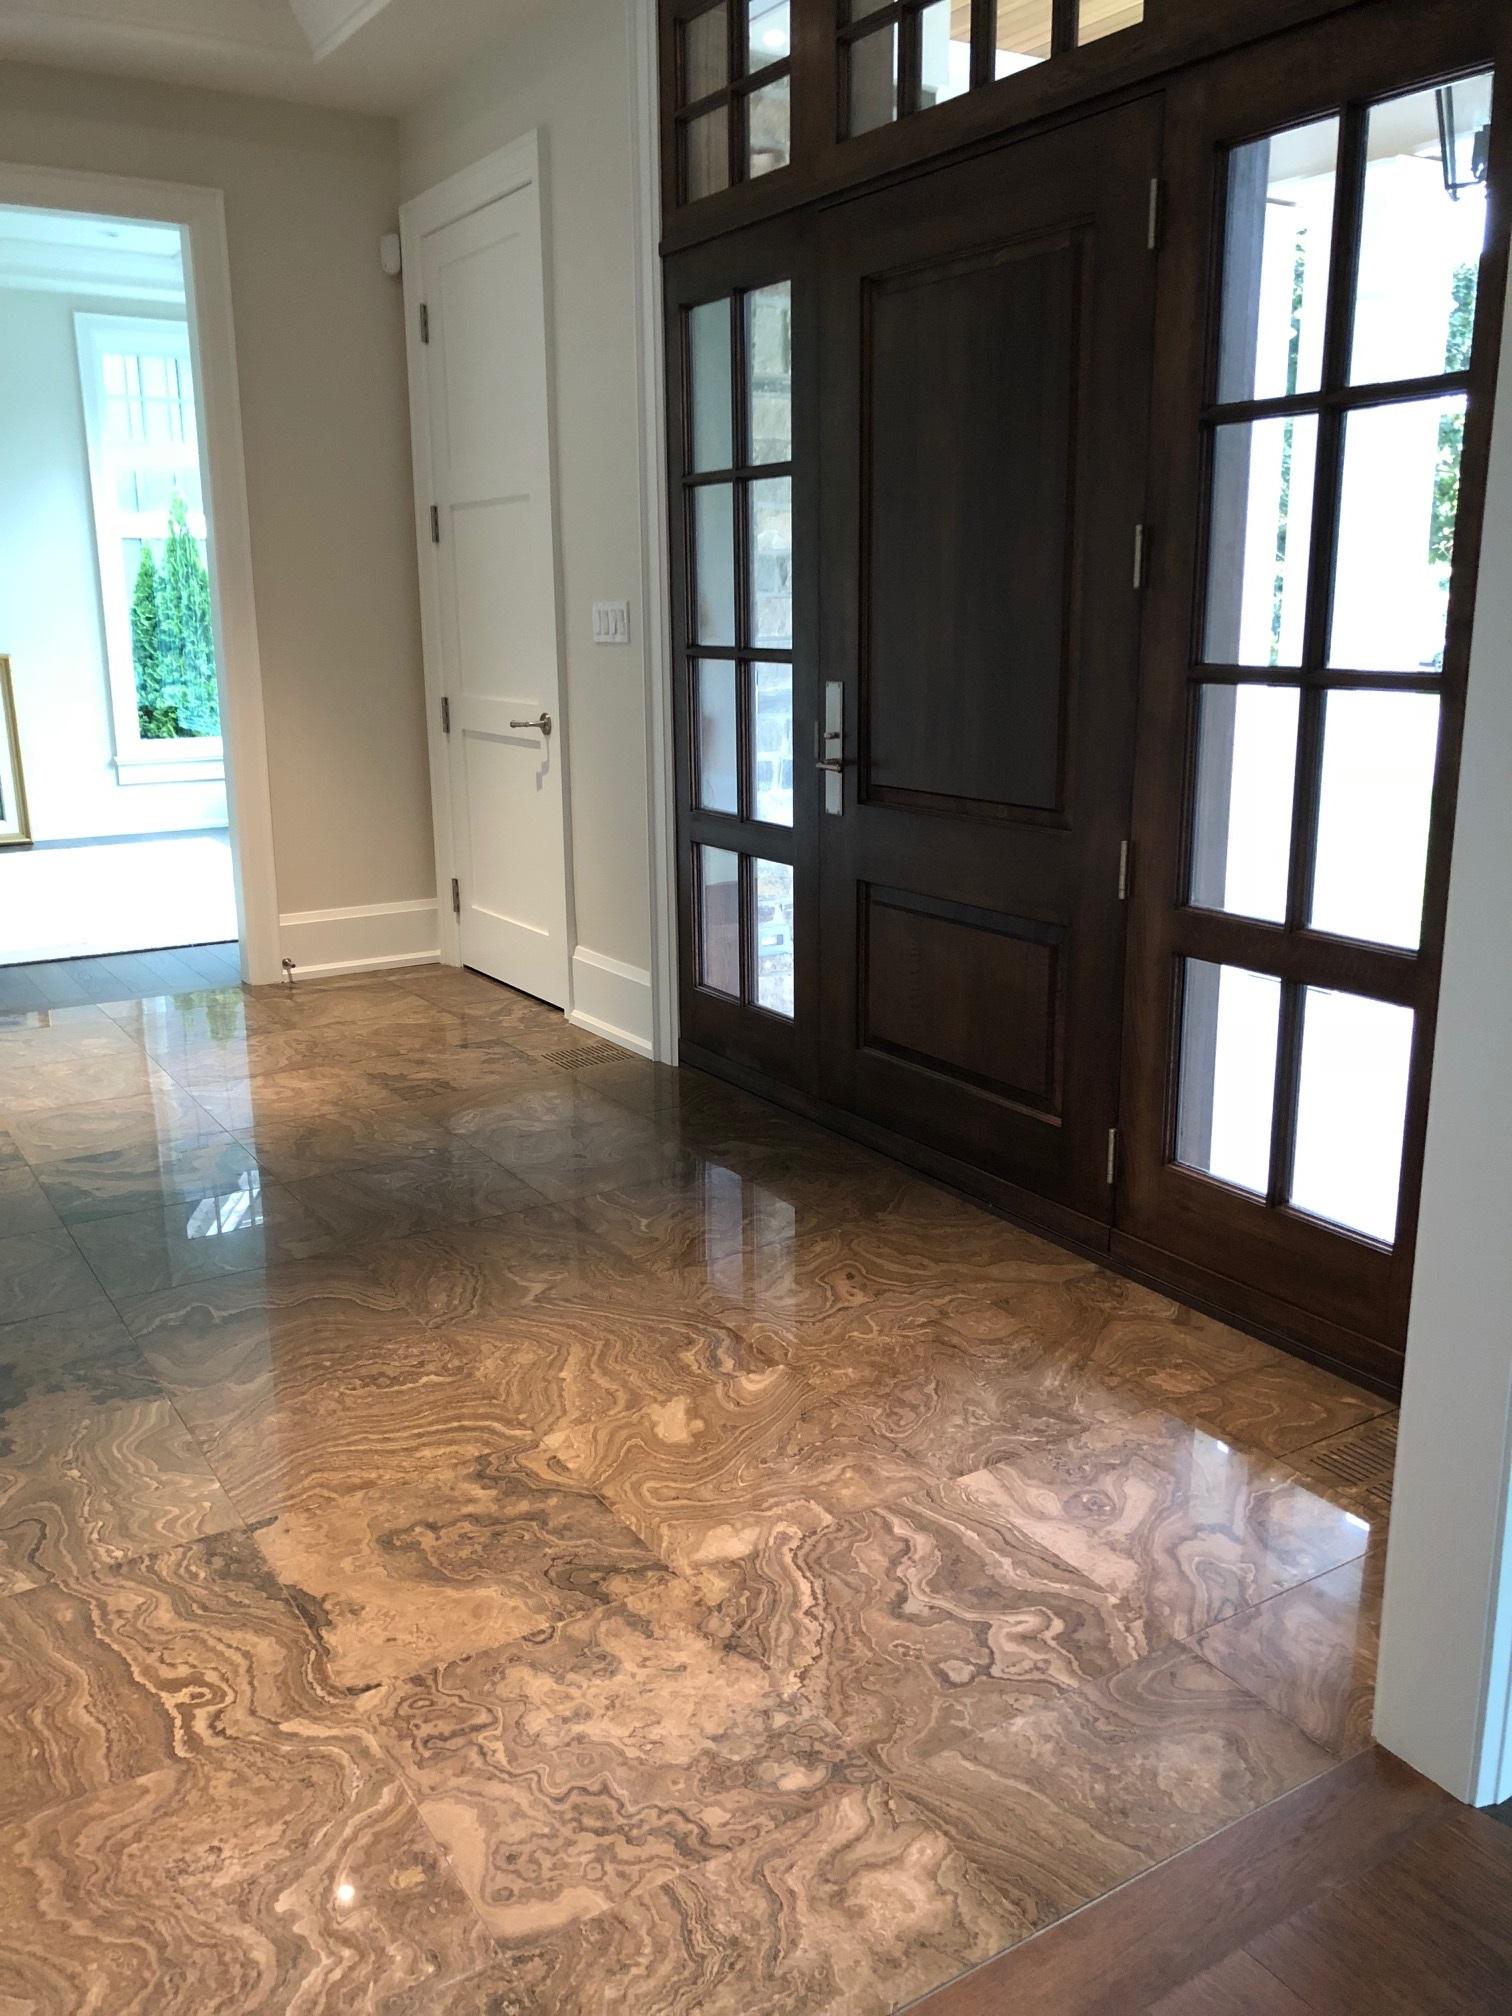 Flooring - Eramosa cross cut